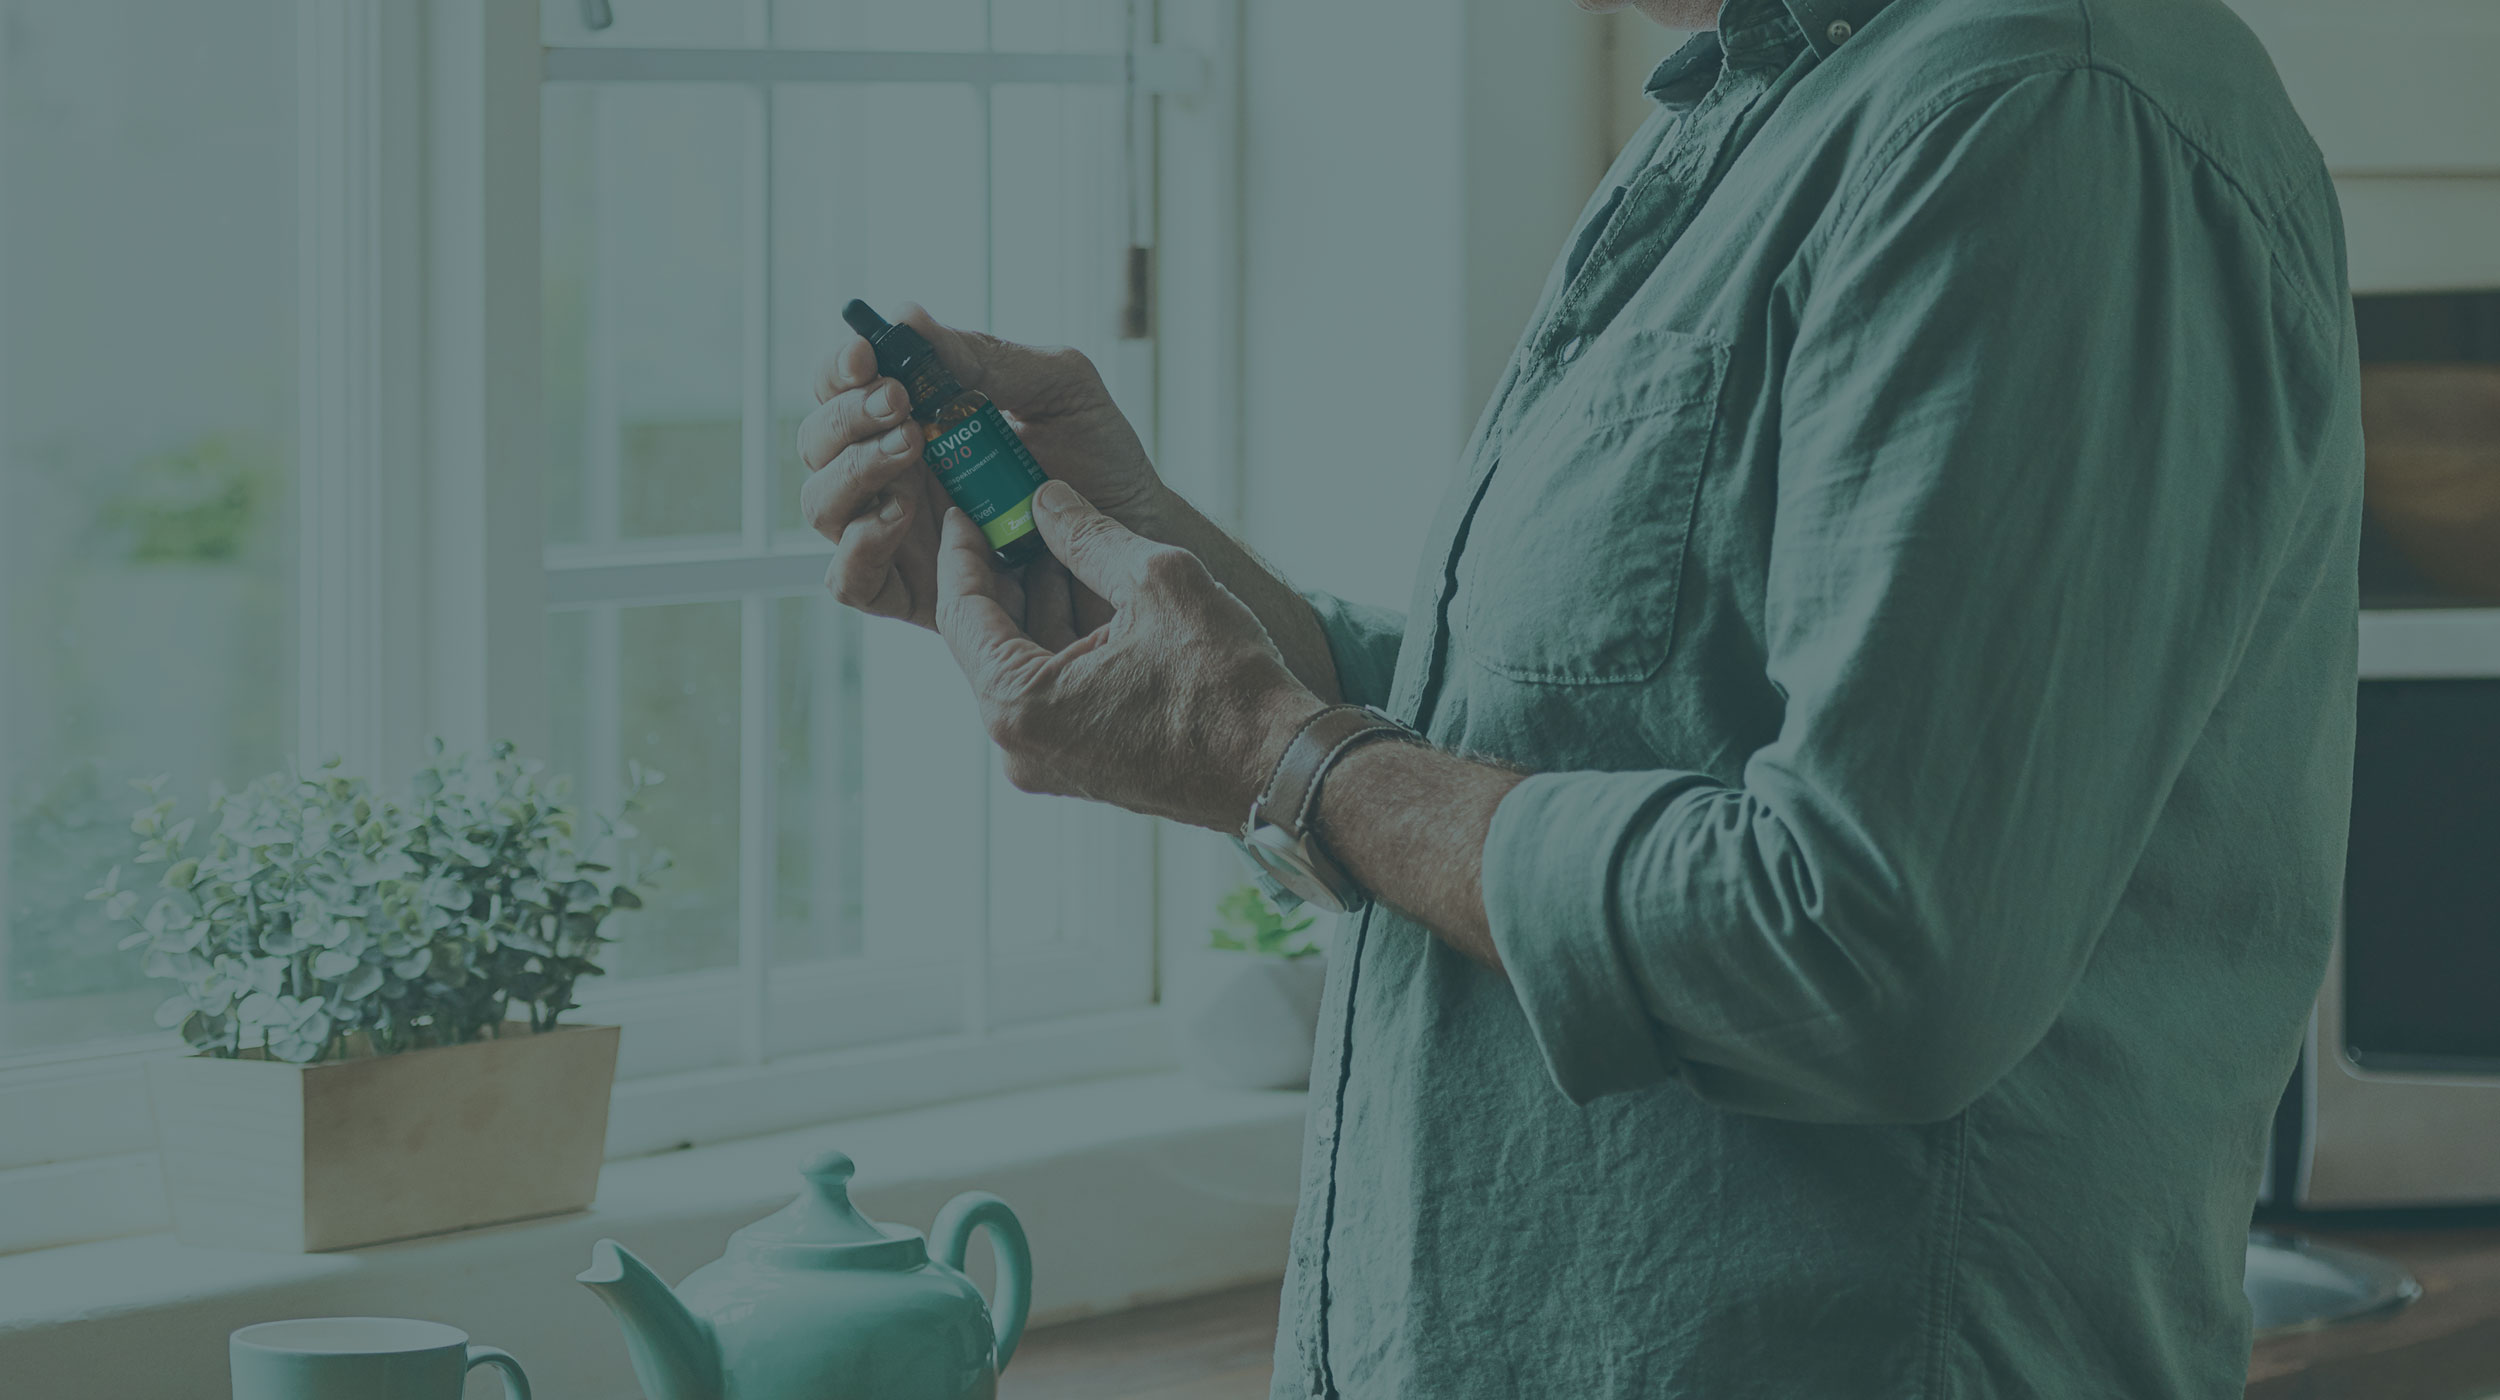 Zambon und Adven kooperieren für einen verbesserten Zugang zu medizinischen Cannabisprodukten